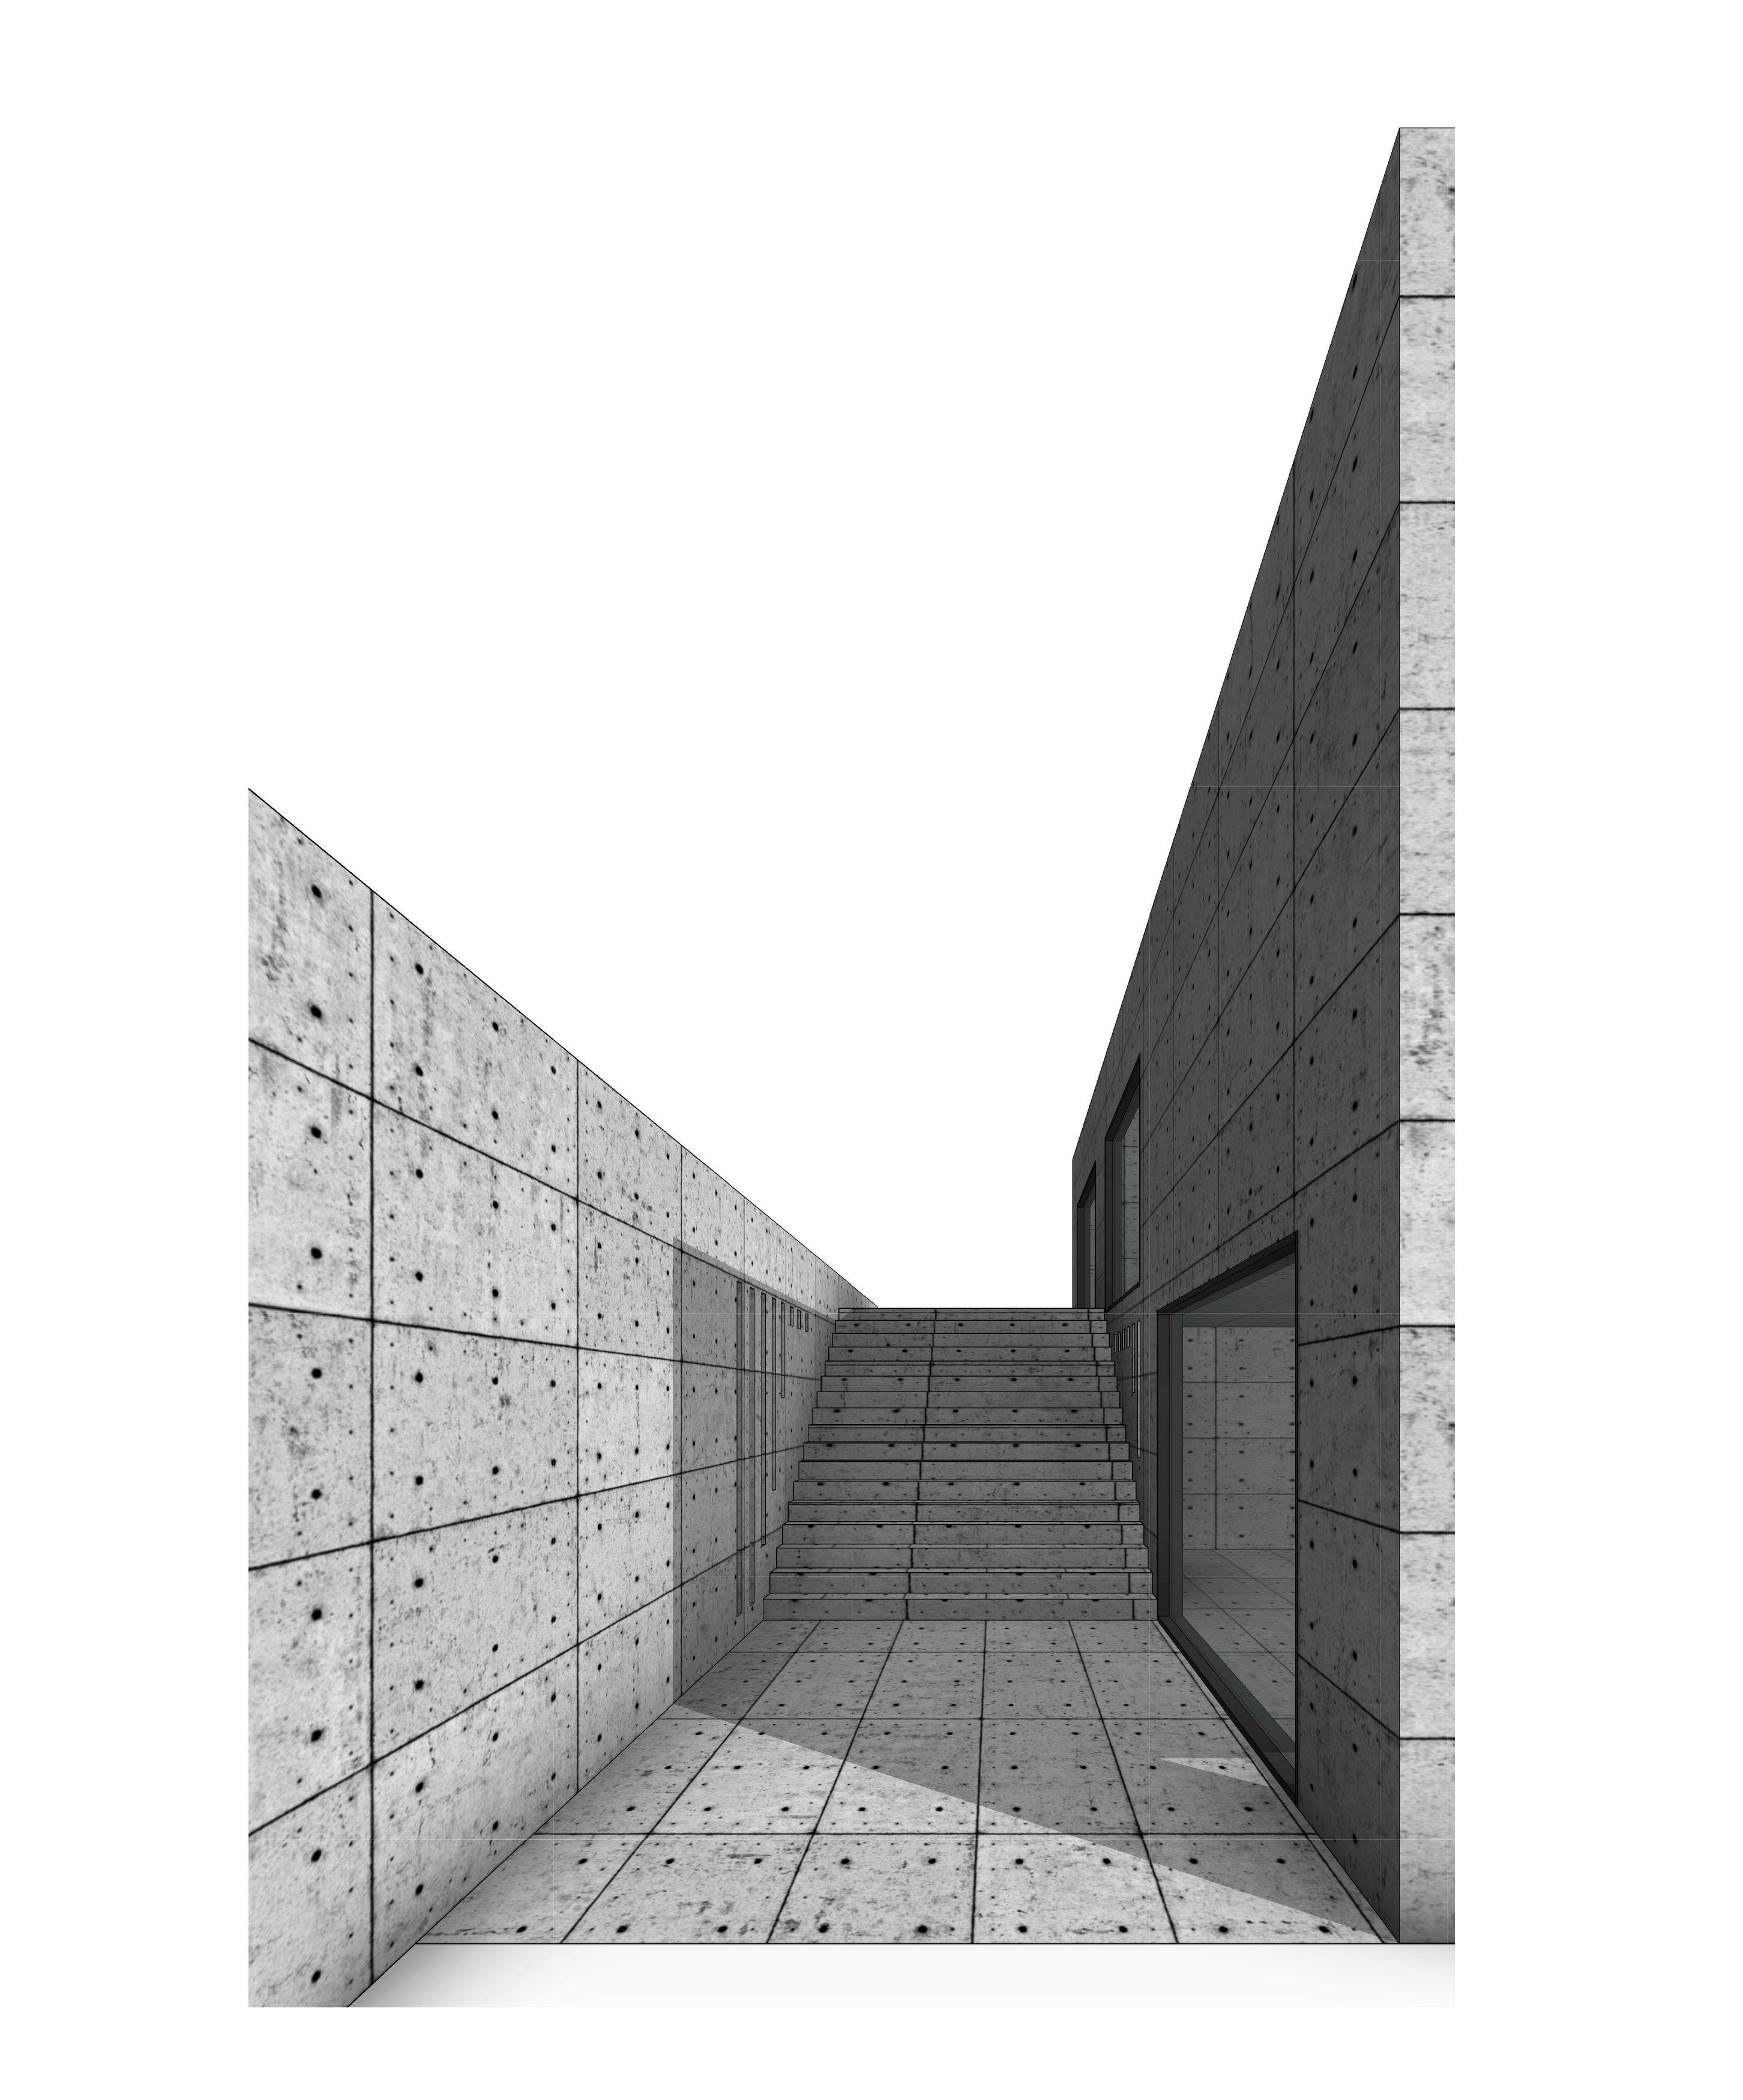 Koshino House Tadao Ando Revit Architecture Architecture Model Concrete Blocks